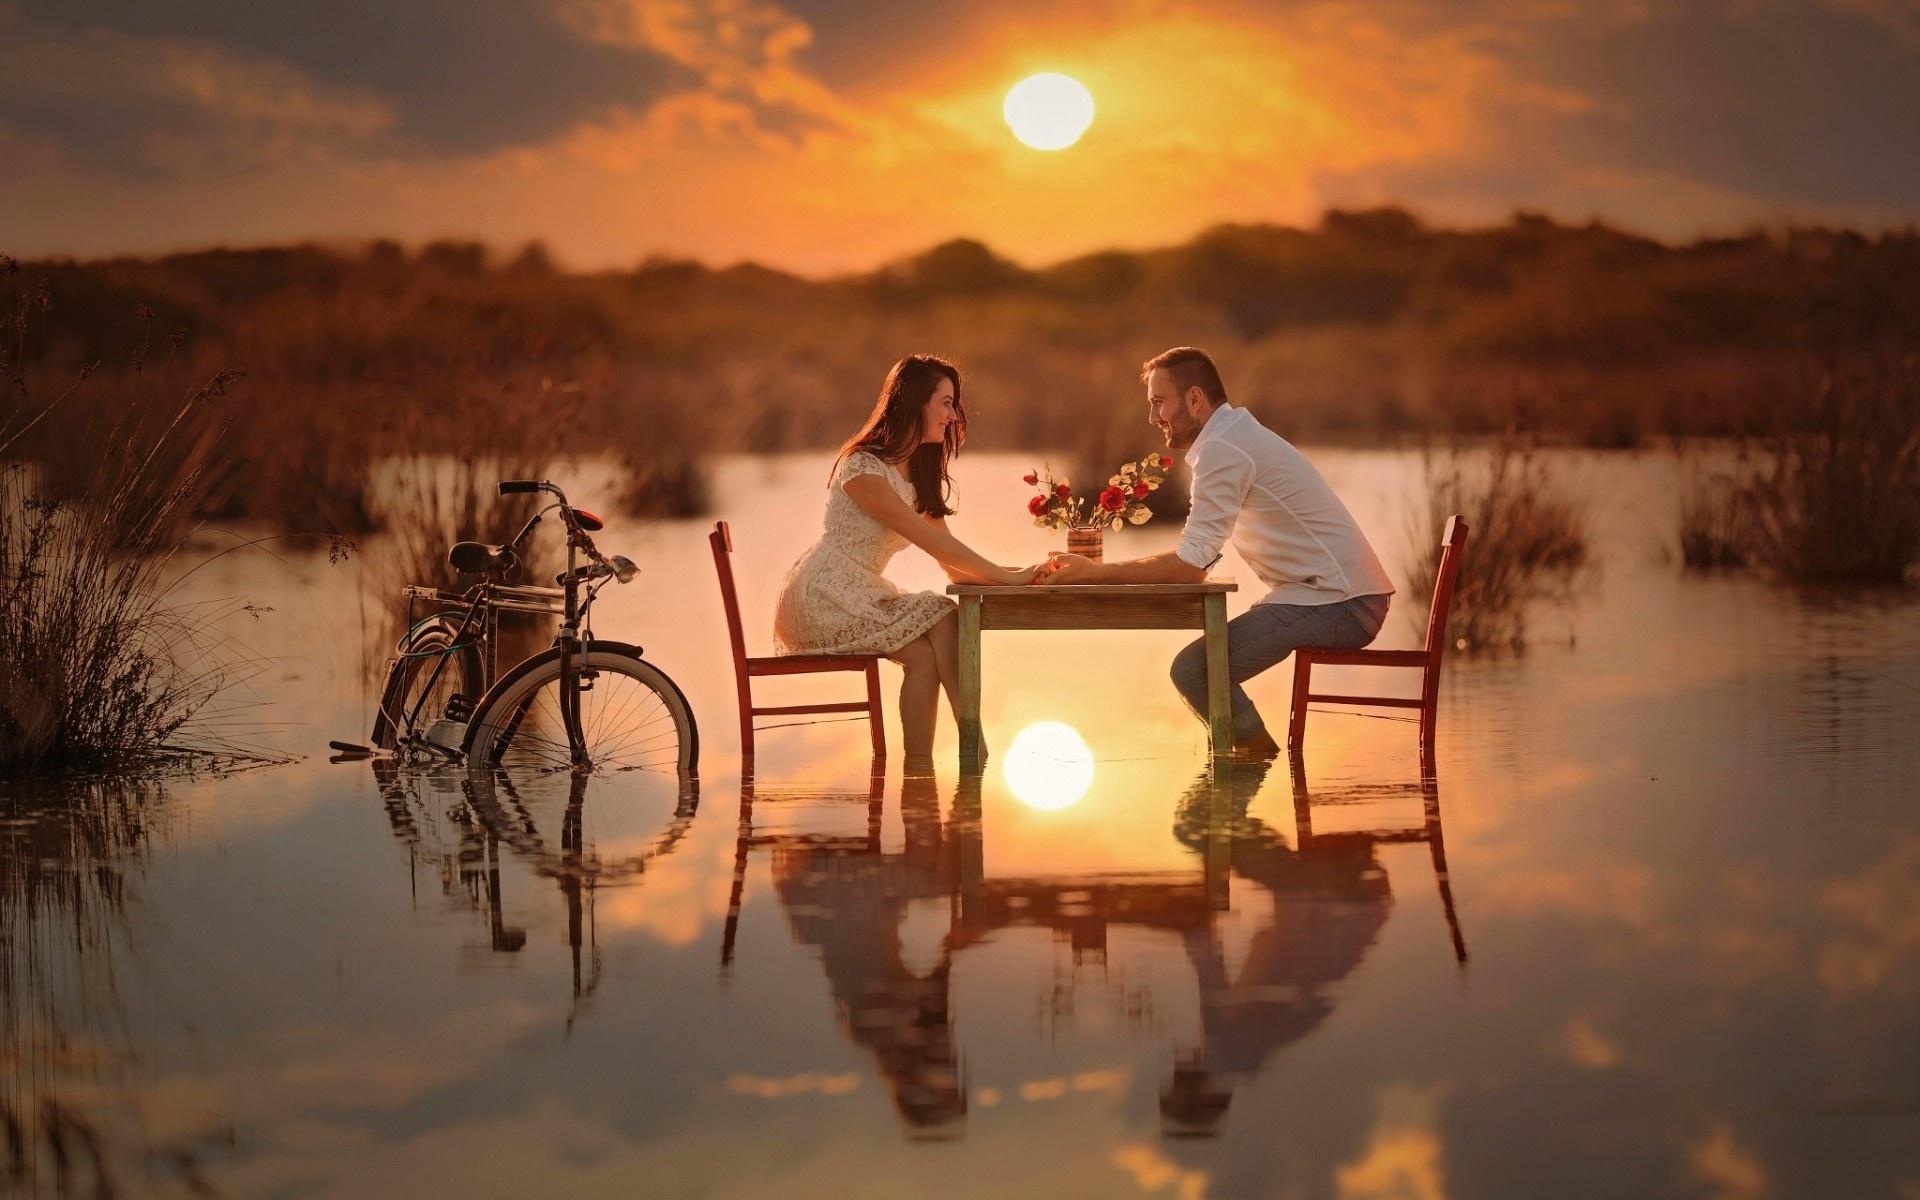 Парень и девушка на велосипеде фото 703-875